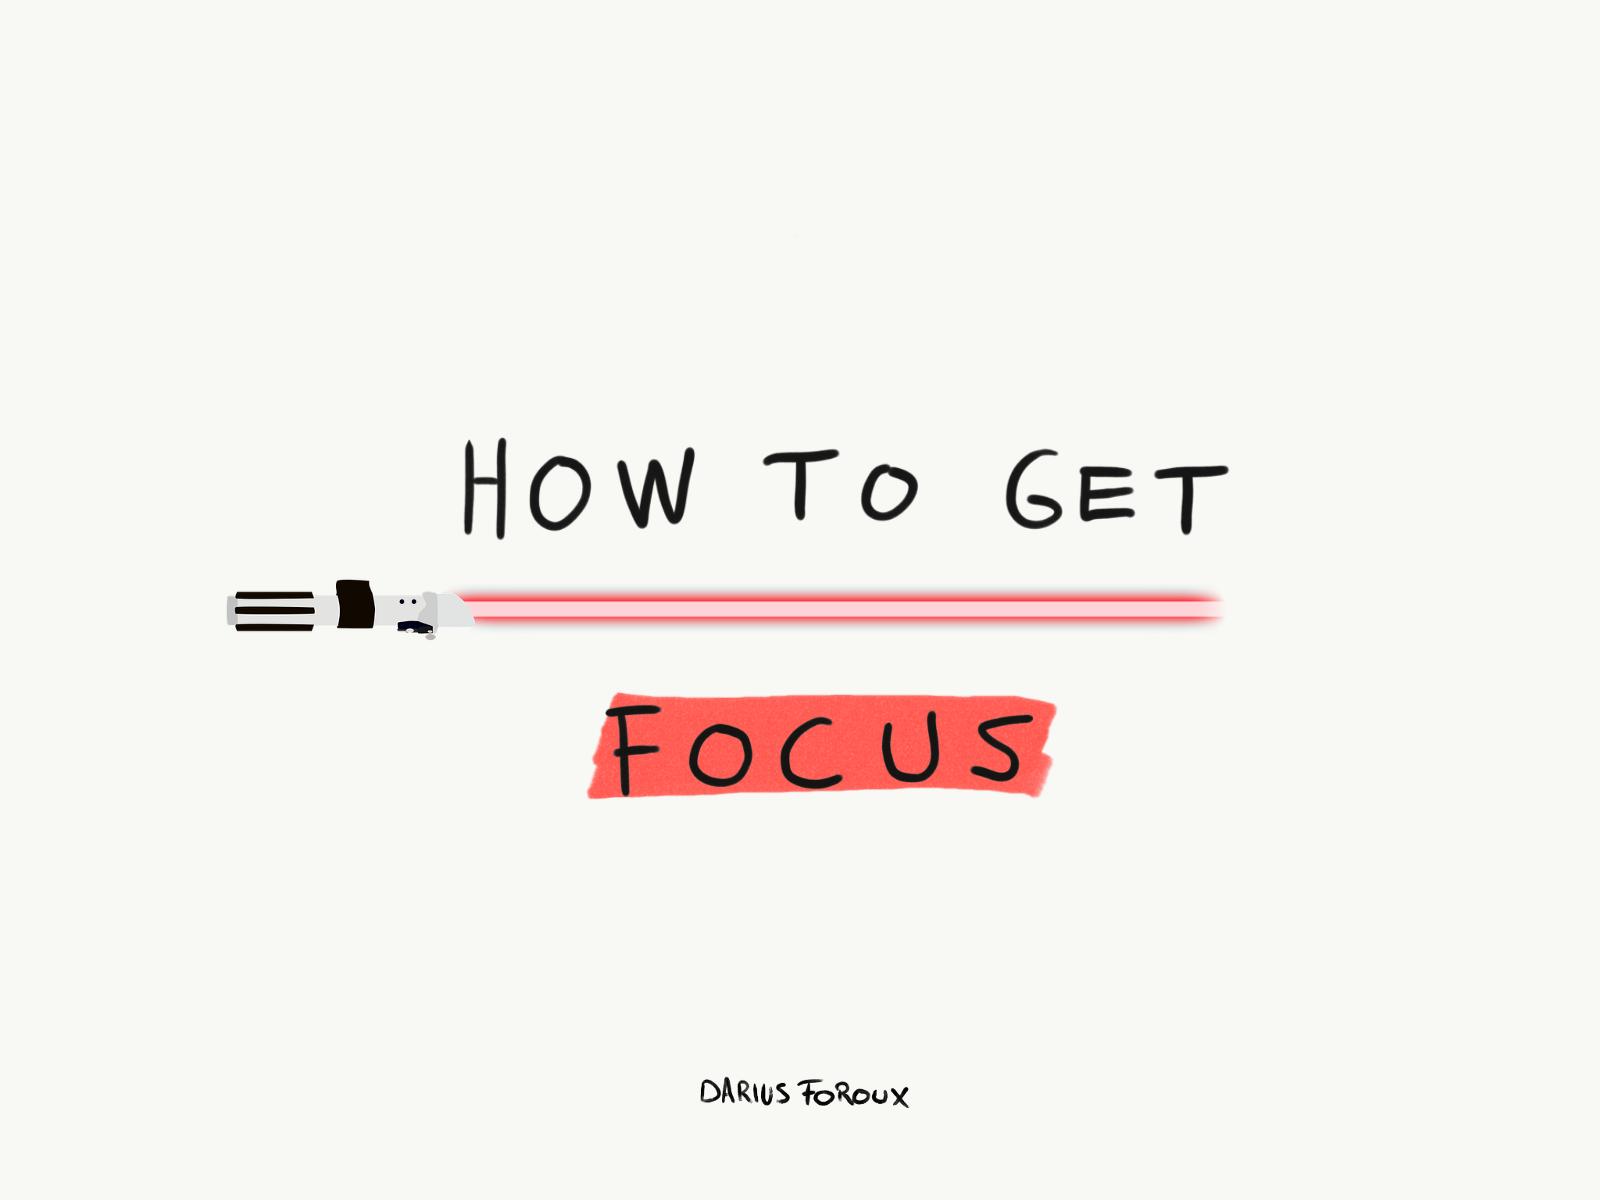 وقتی نمیتونم روی کارم تمرکز کنم چکار میکنم؟